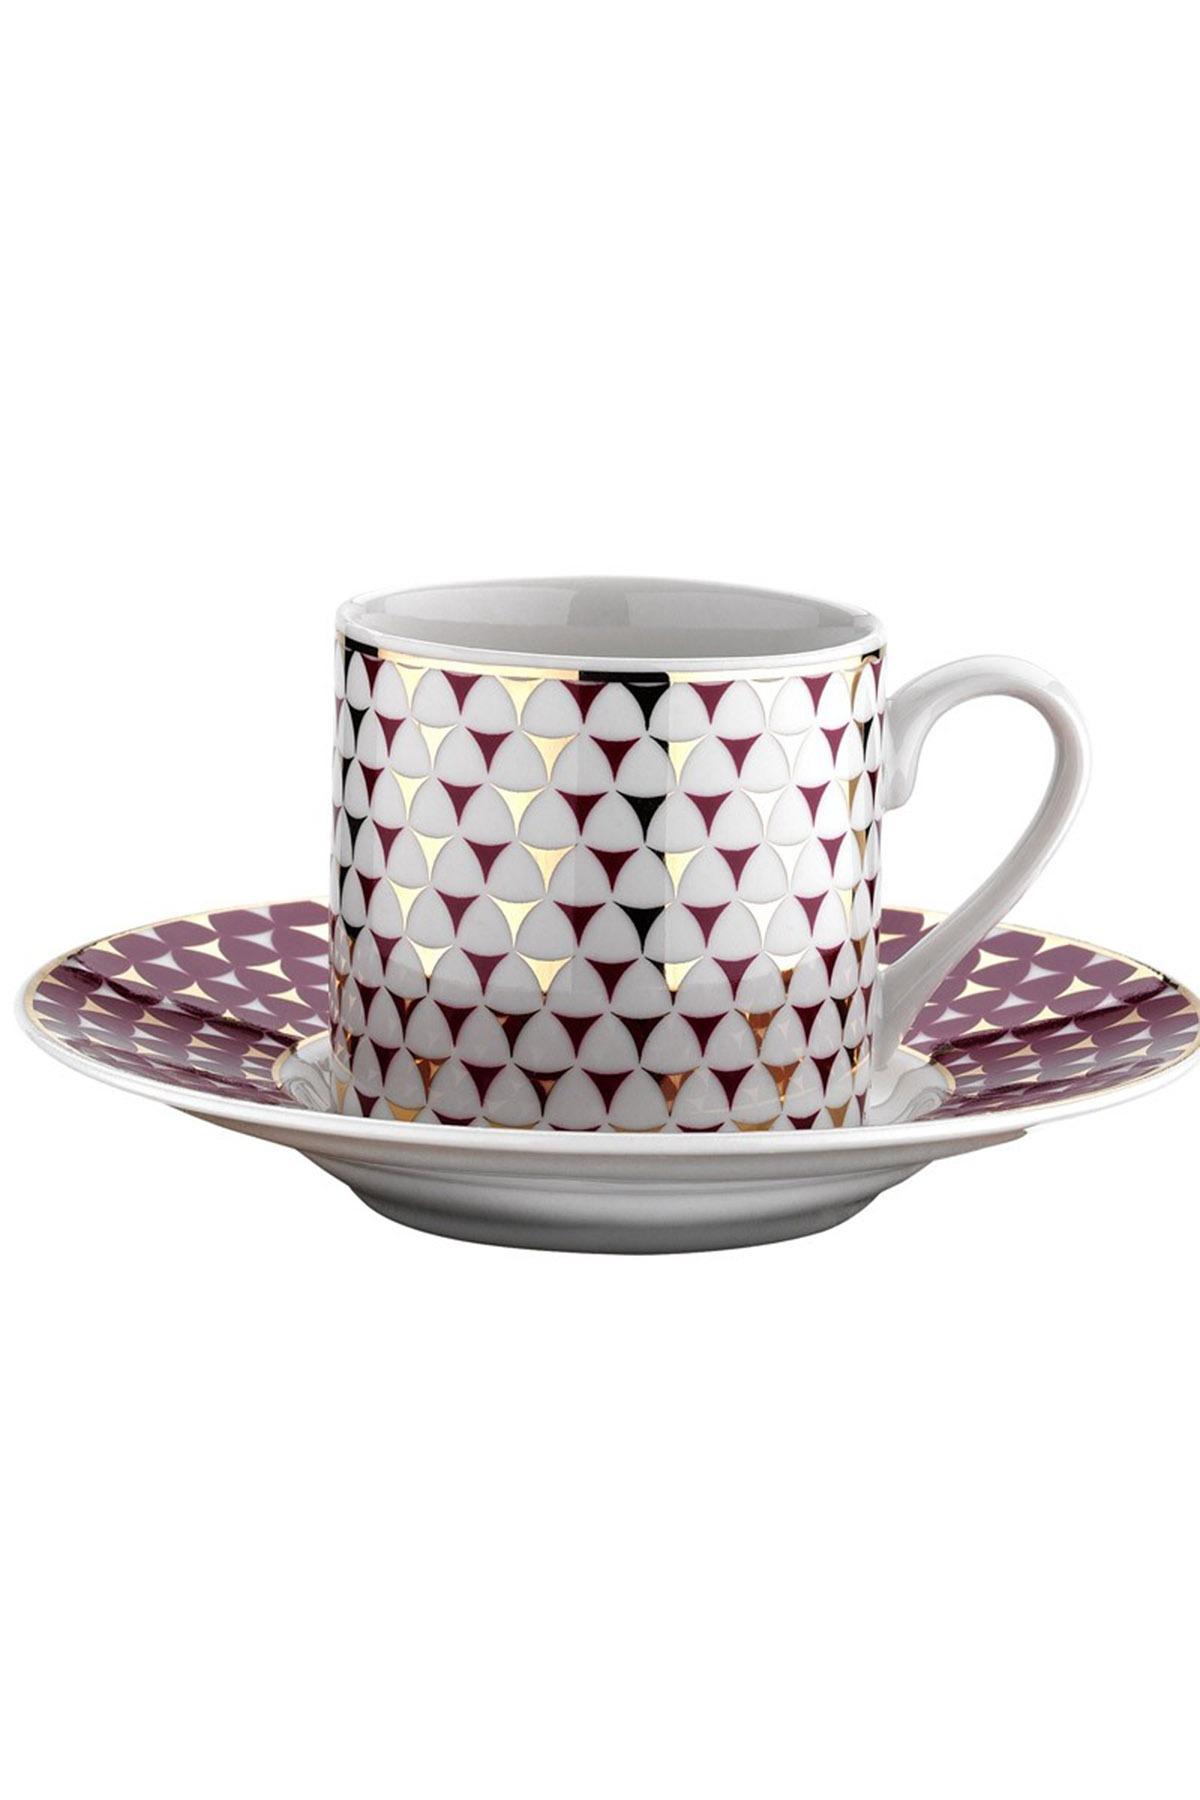 KÜTAHYA PORSELEN - Kütahya Porselen Rüya 77512 Desen Kahve Fincan Takımı